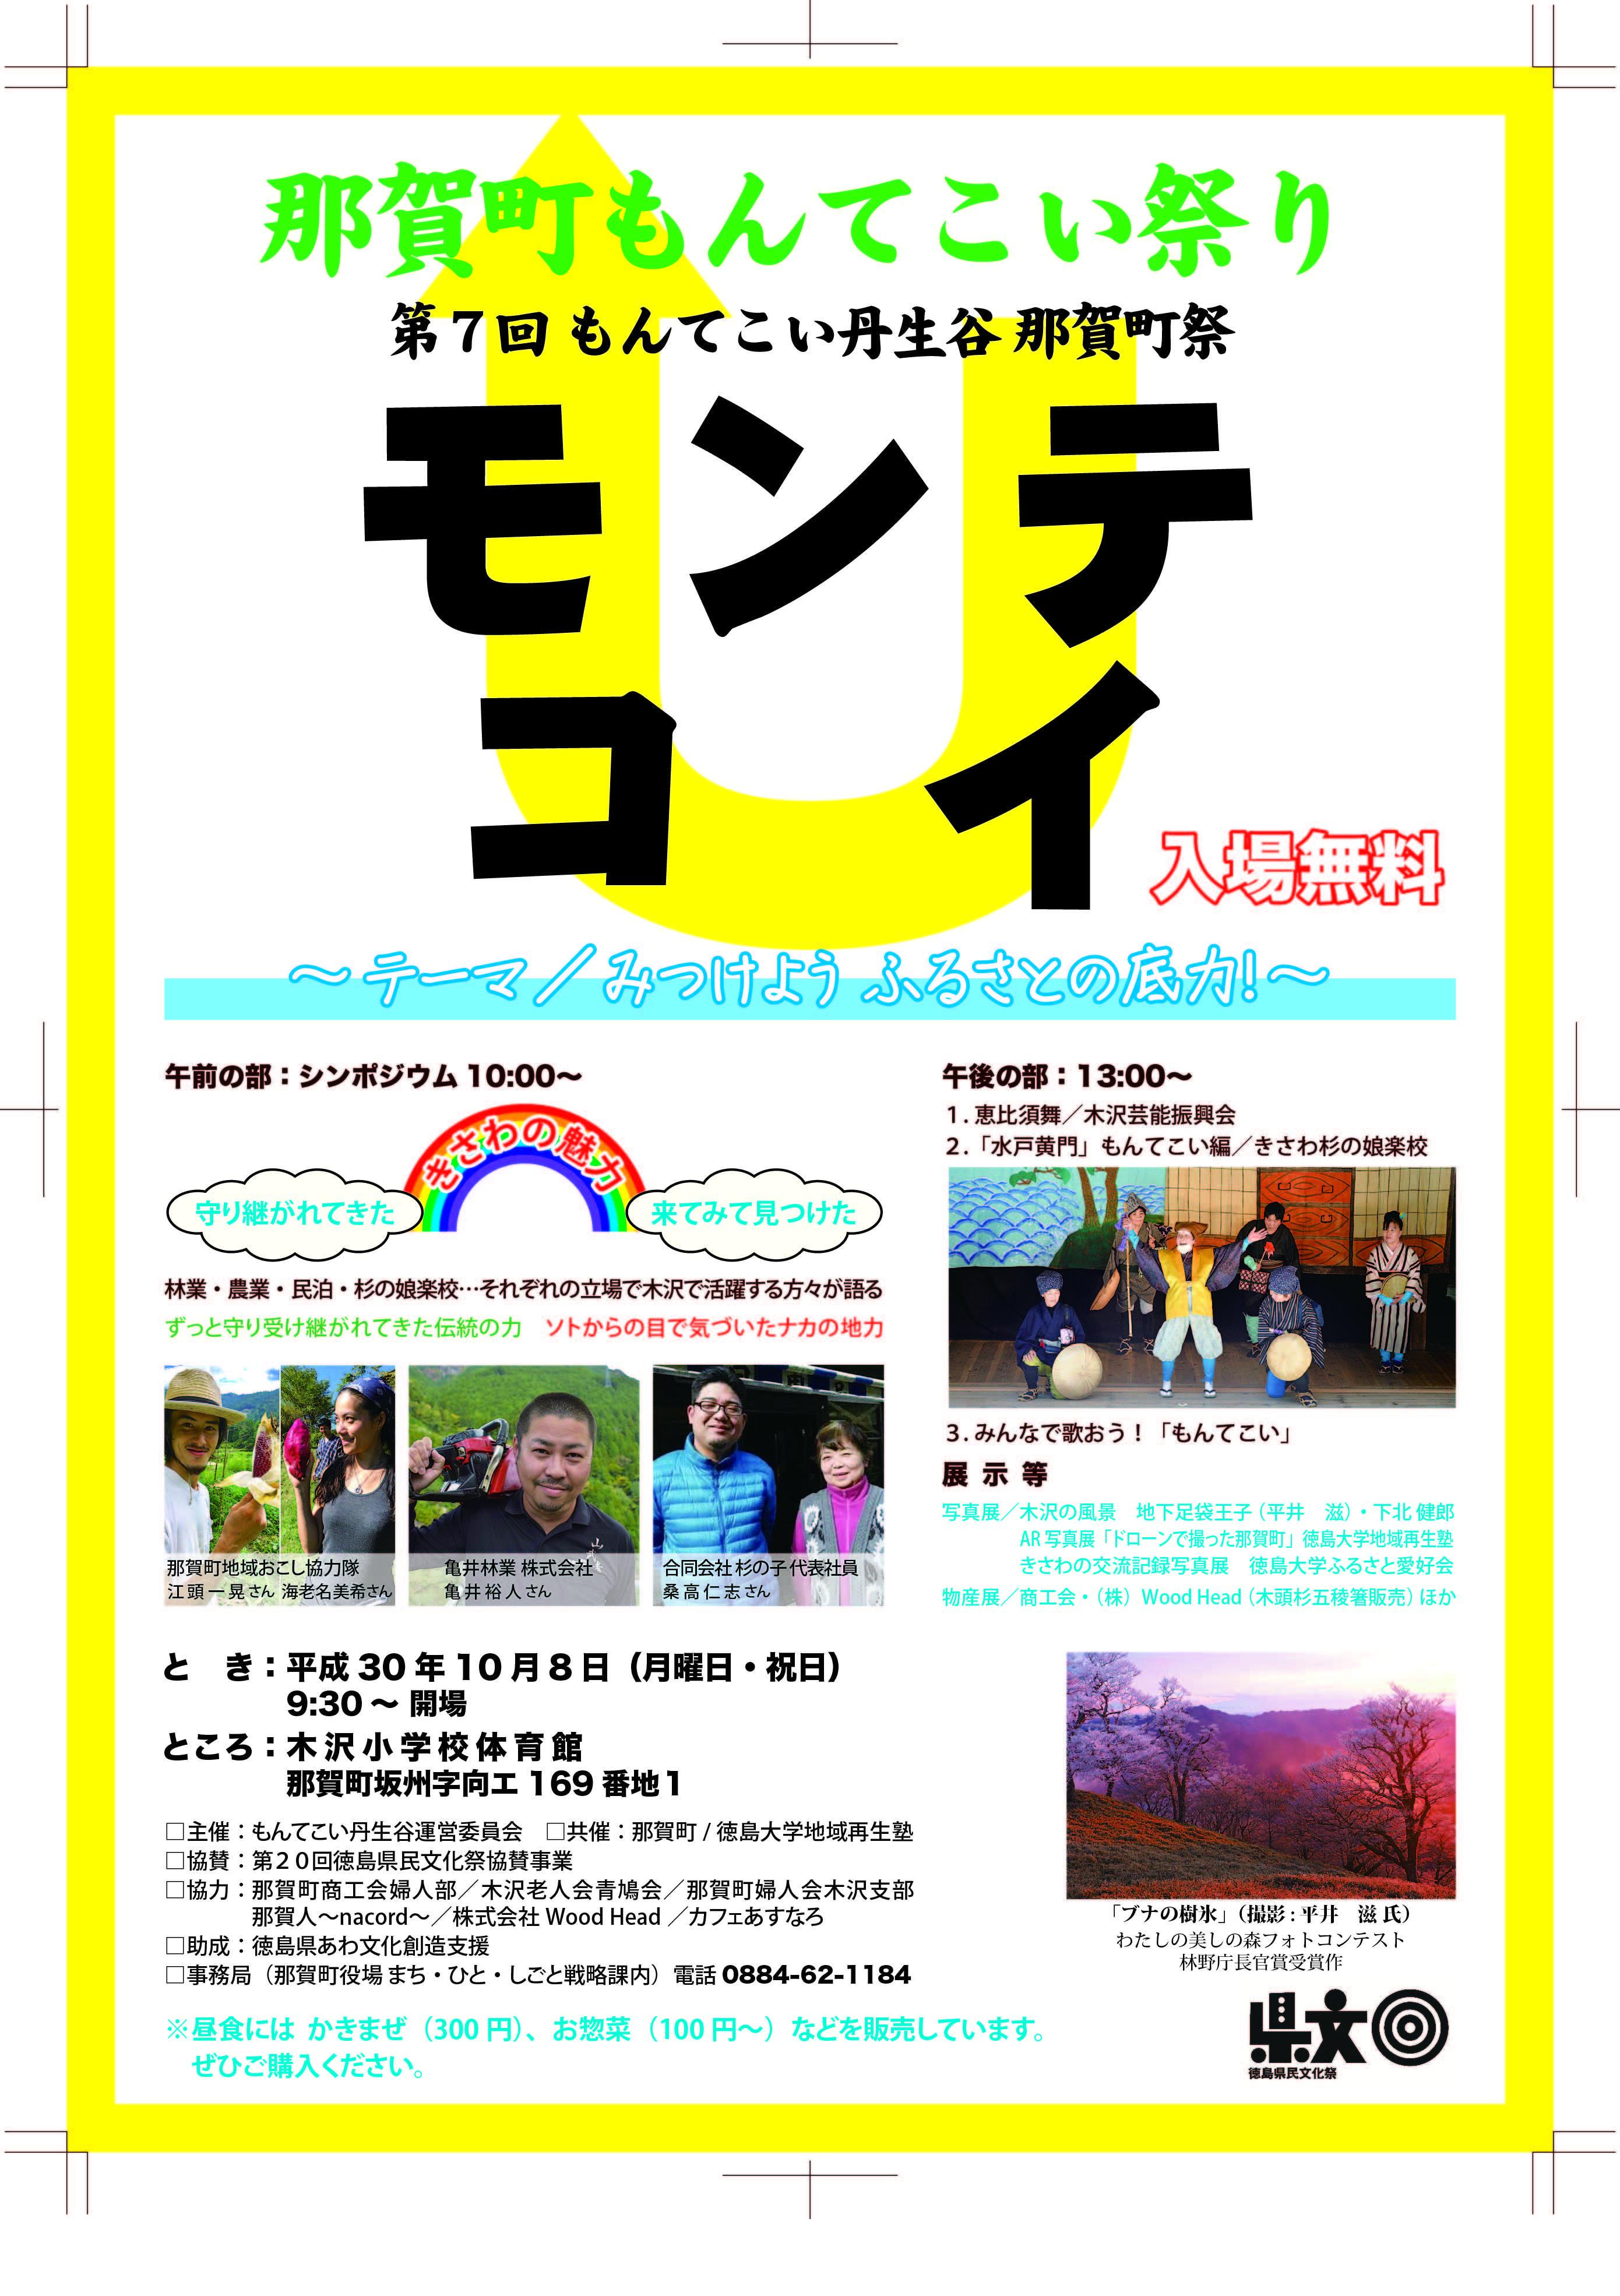 那賀町ブログ